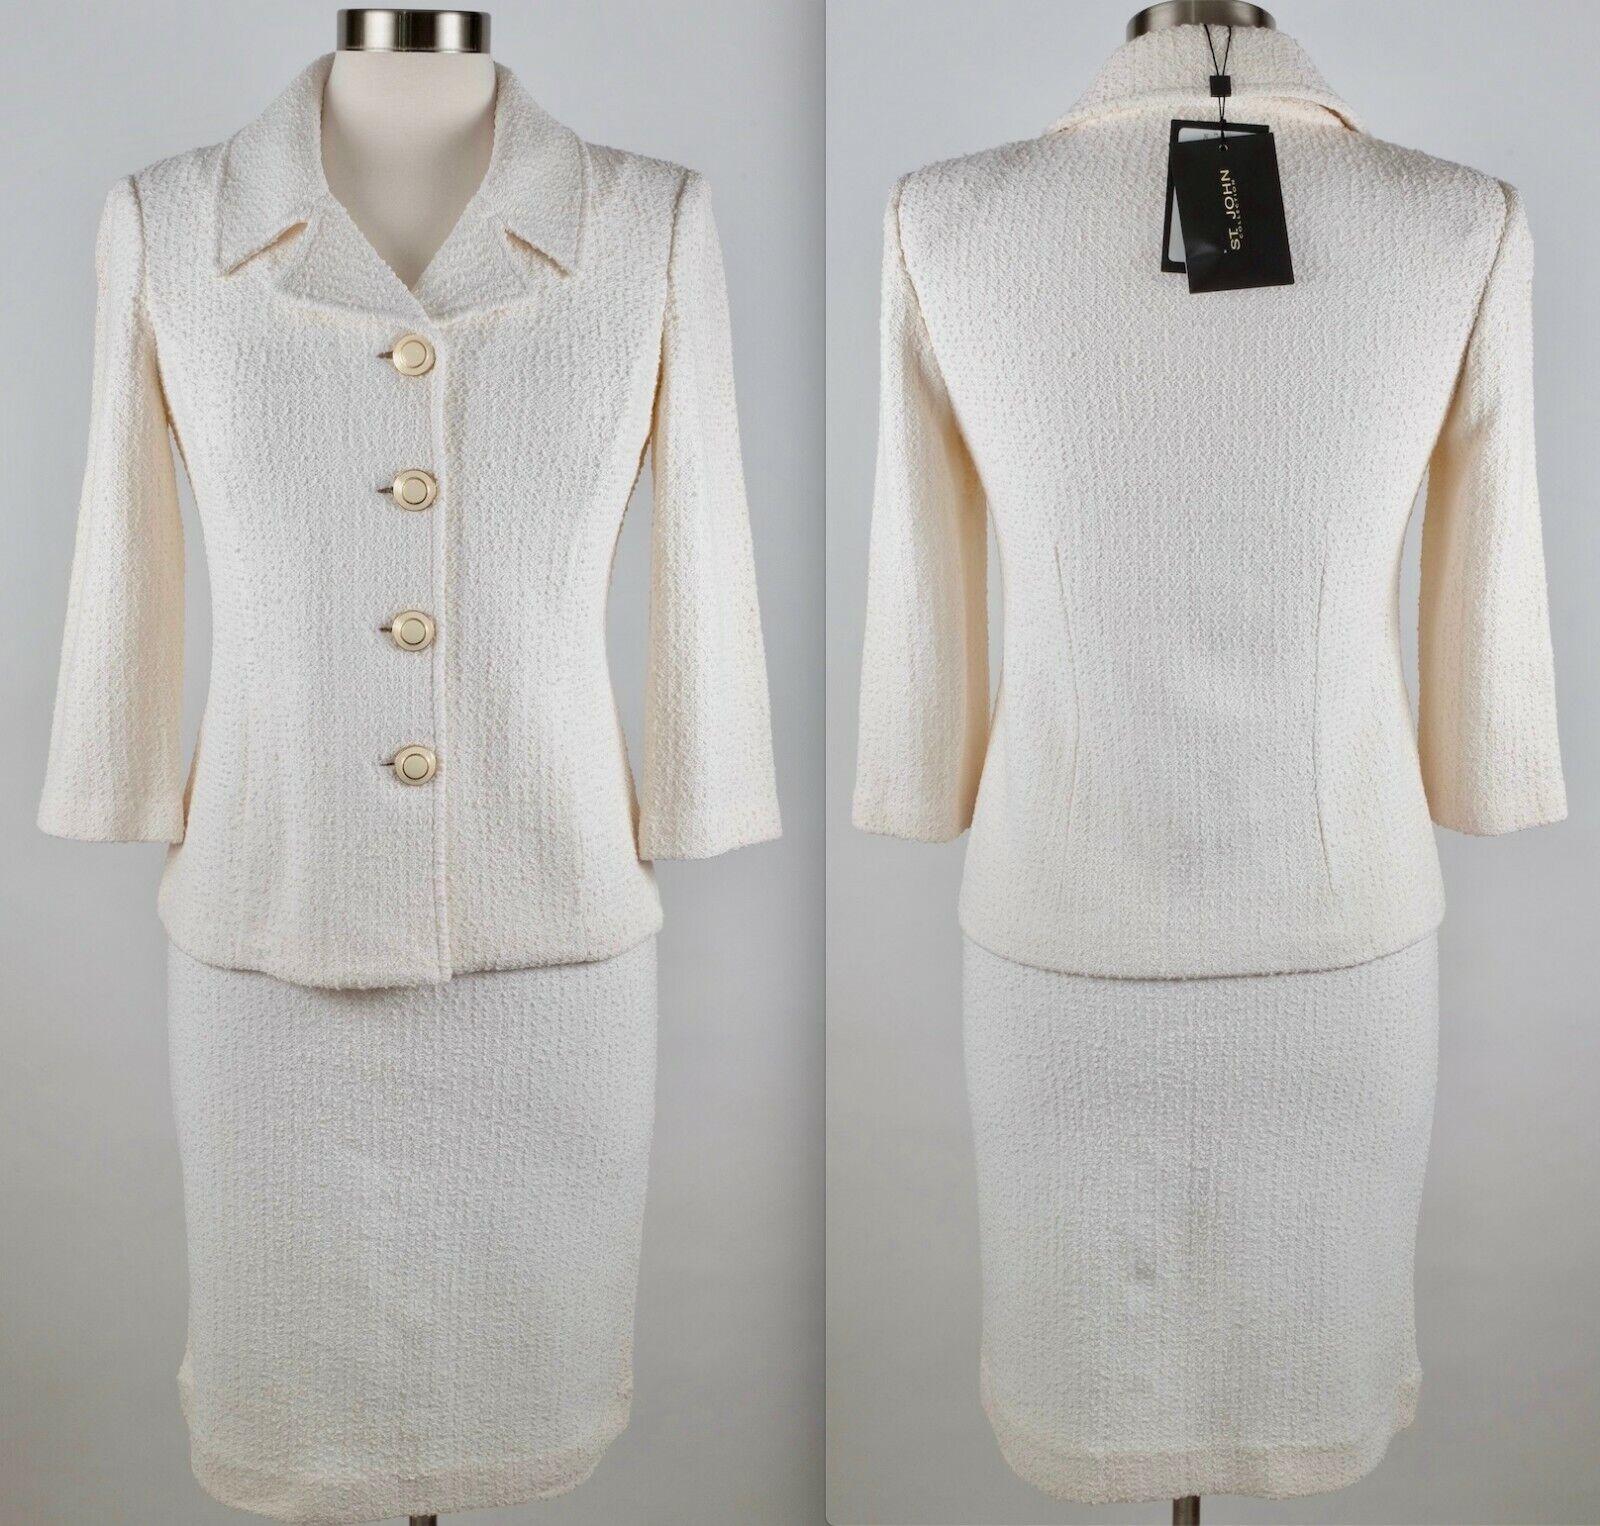 Nuevas Talla 2 St John Couture  Apagado blancoo Falda Traje Chaqueta  1540  mejor calidad mejor precio